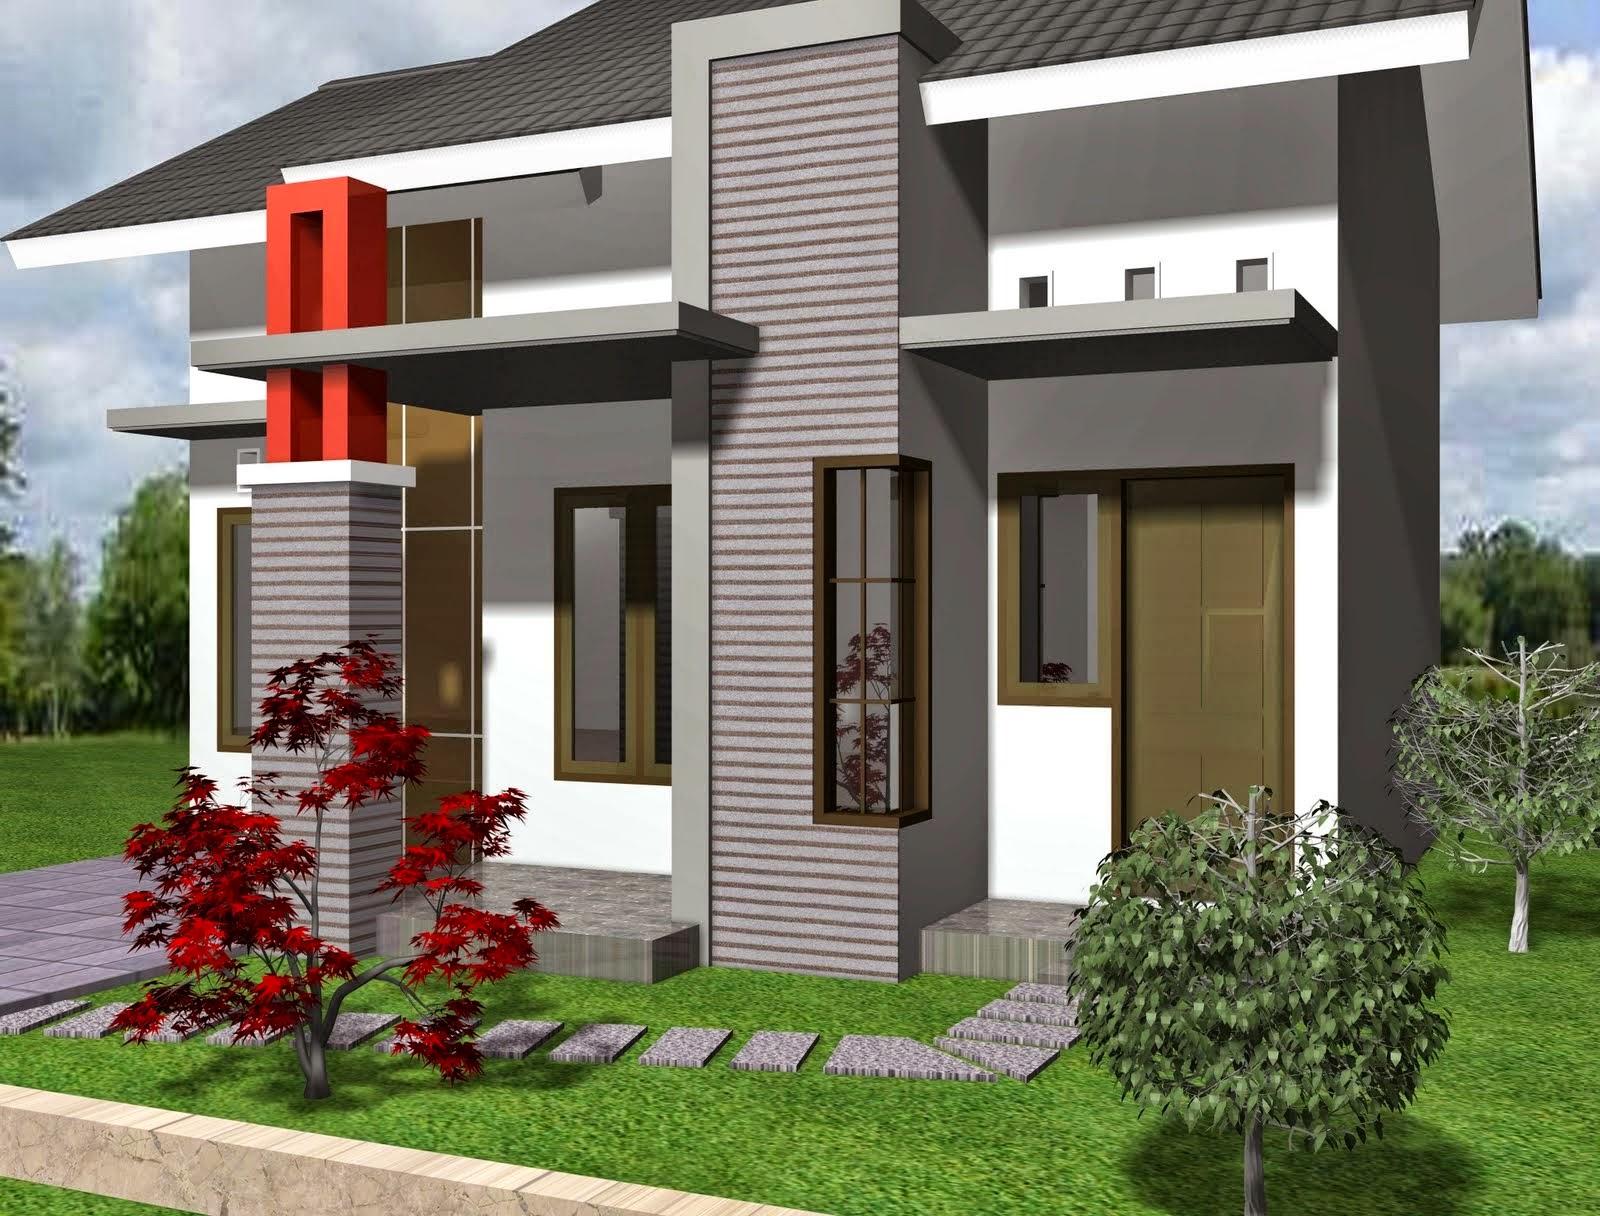 Desain Rumah Minimalis 1 Lantai Gambar Foto Desain Rumah